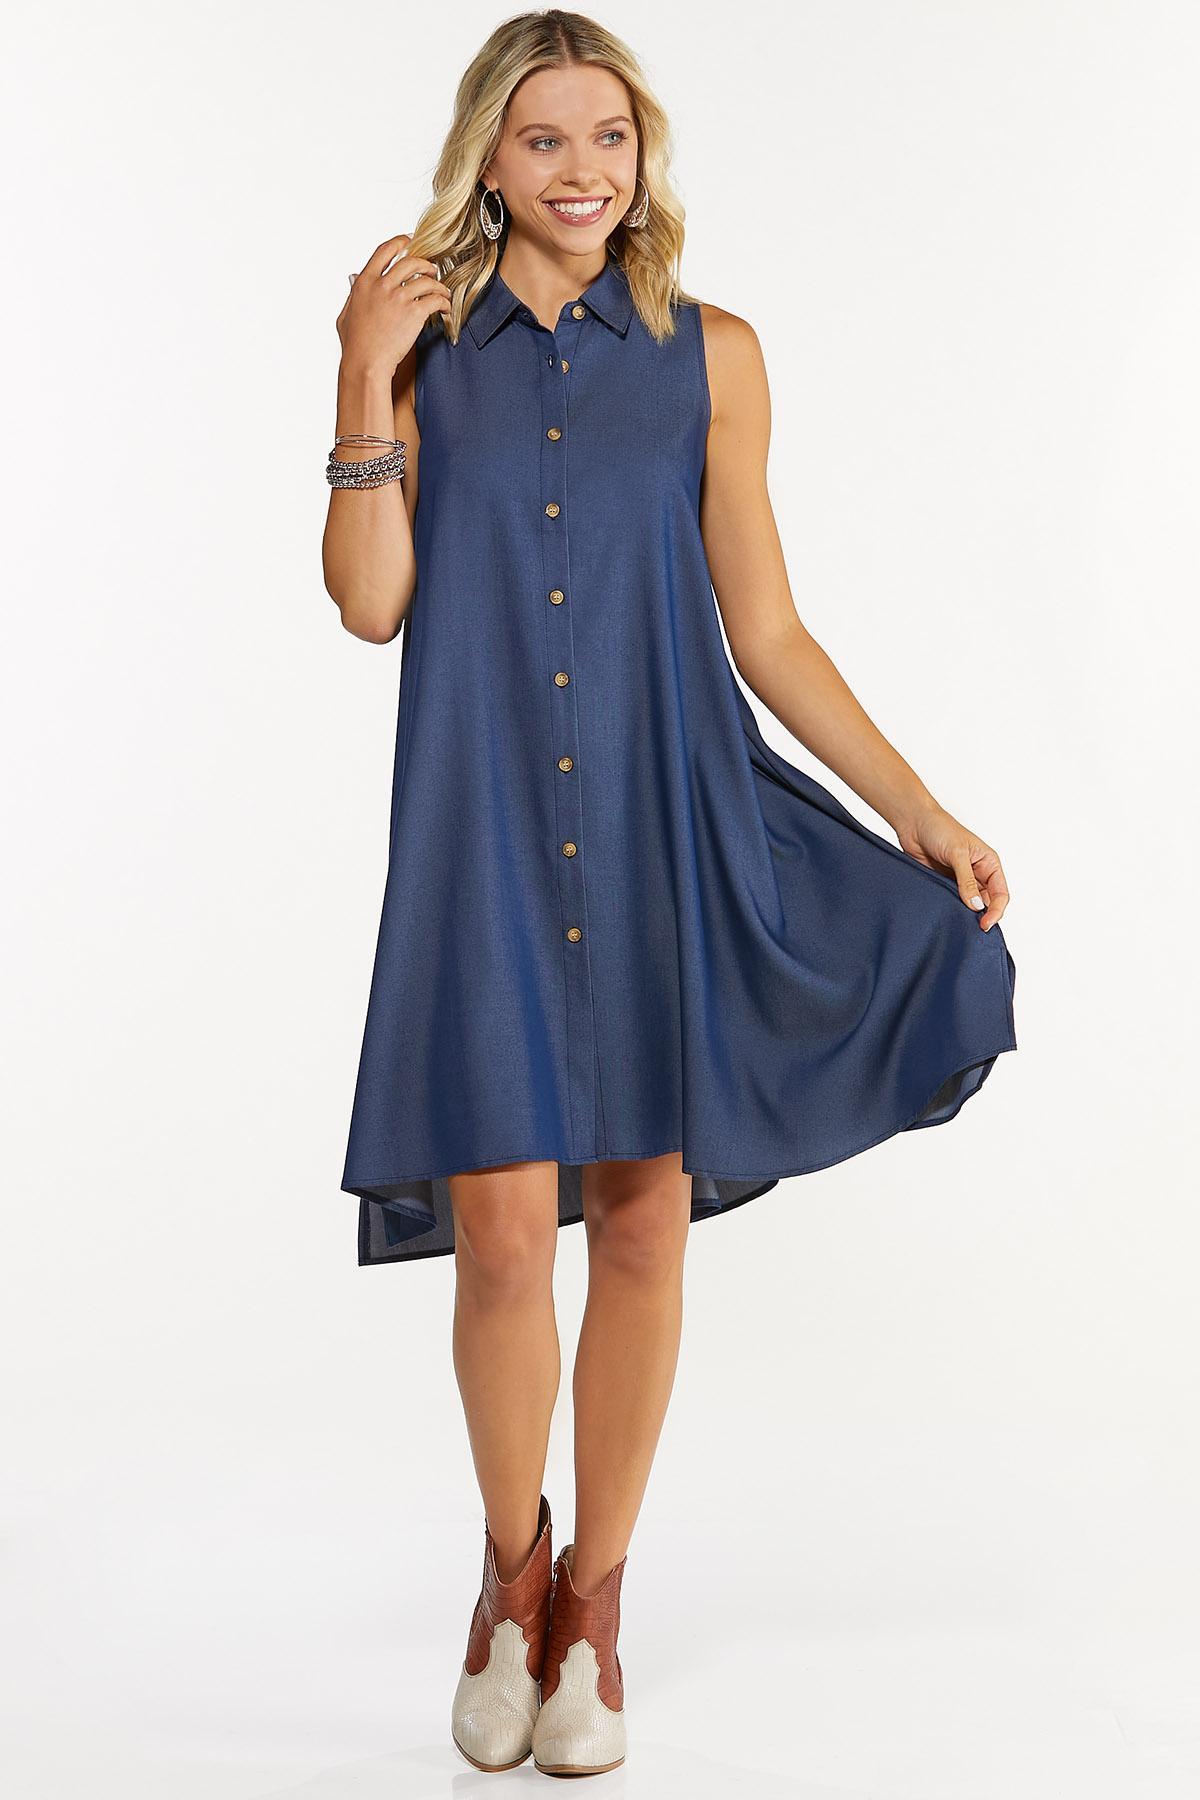 Chambray Swing Dress